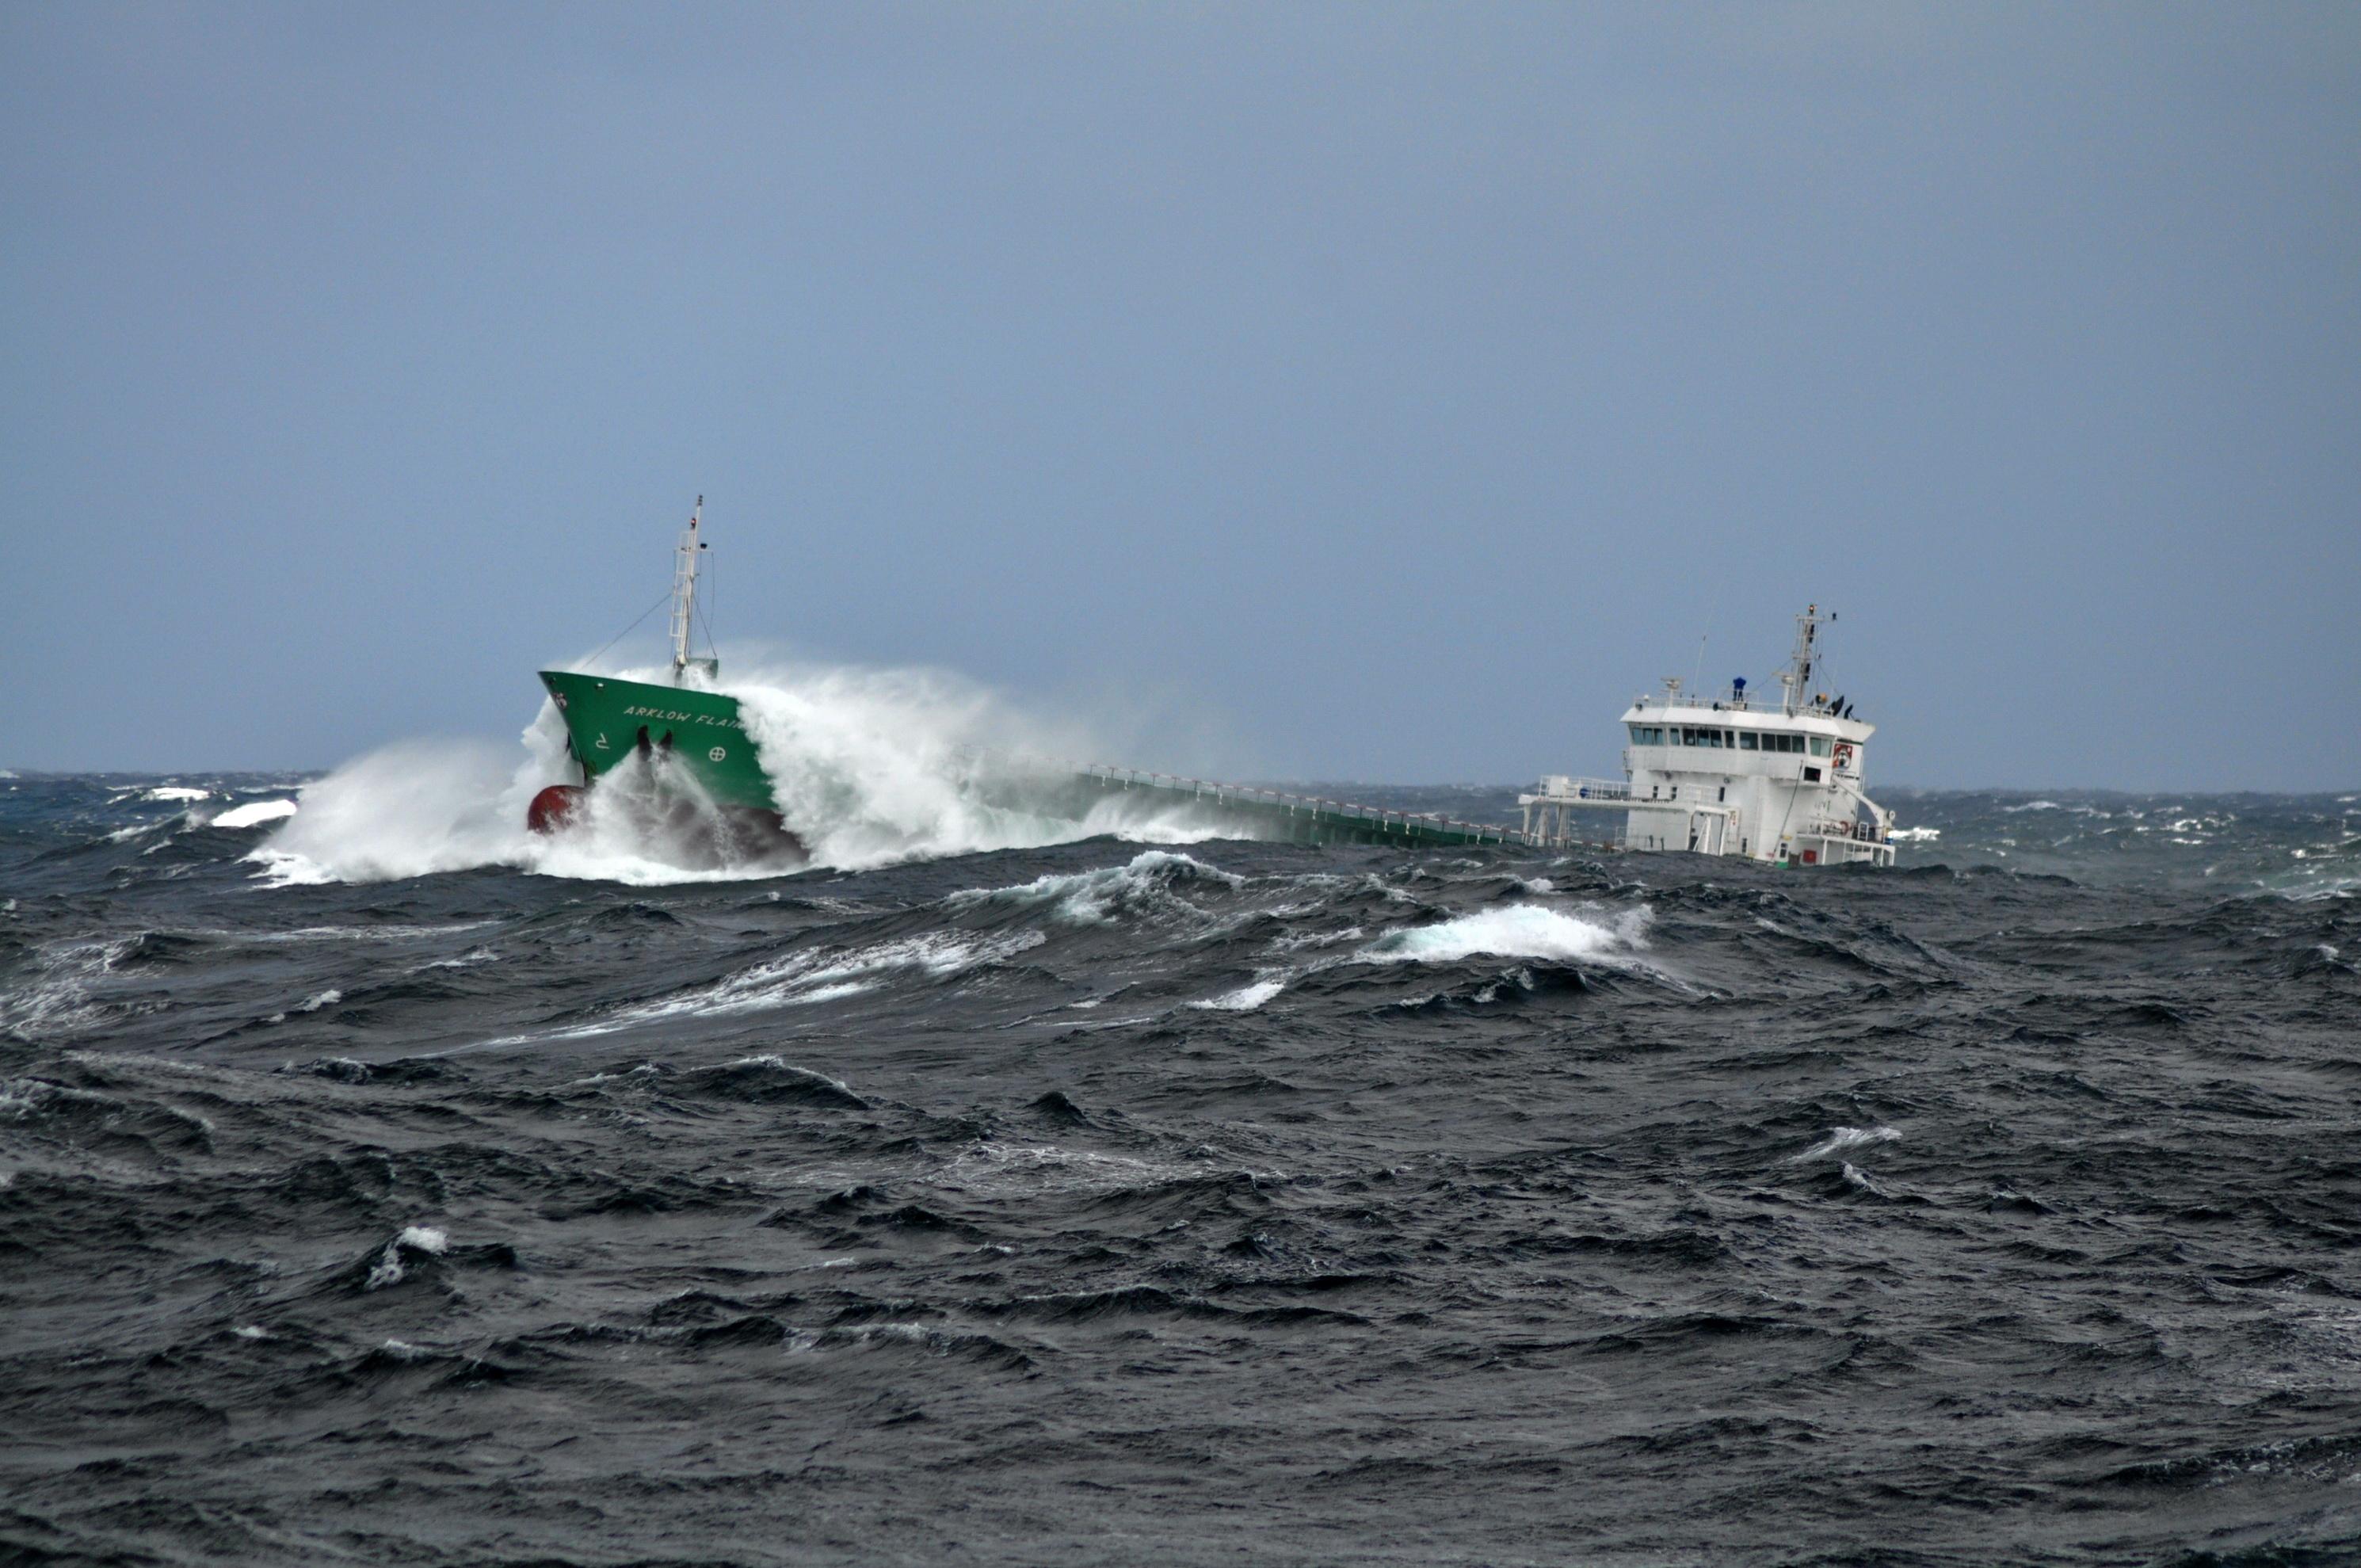 свет, документы фото судов торгового флота в шторм обширная